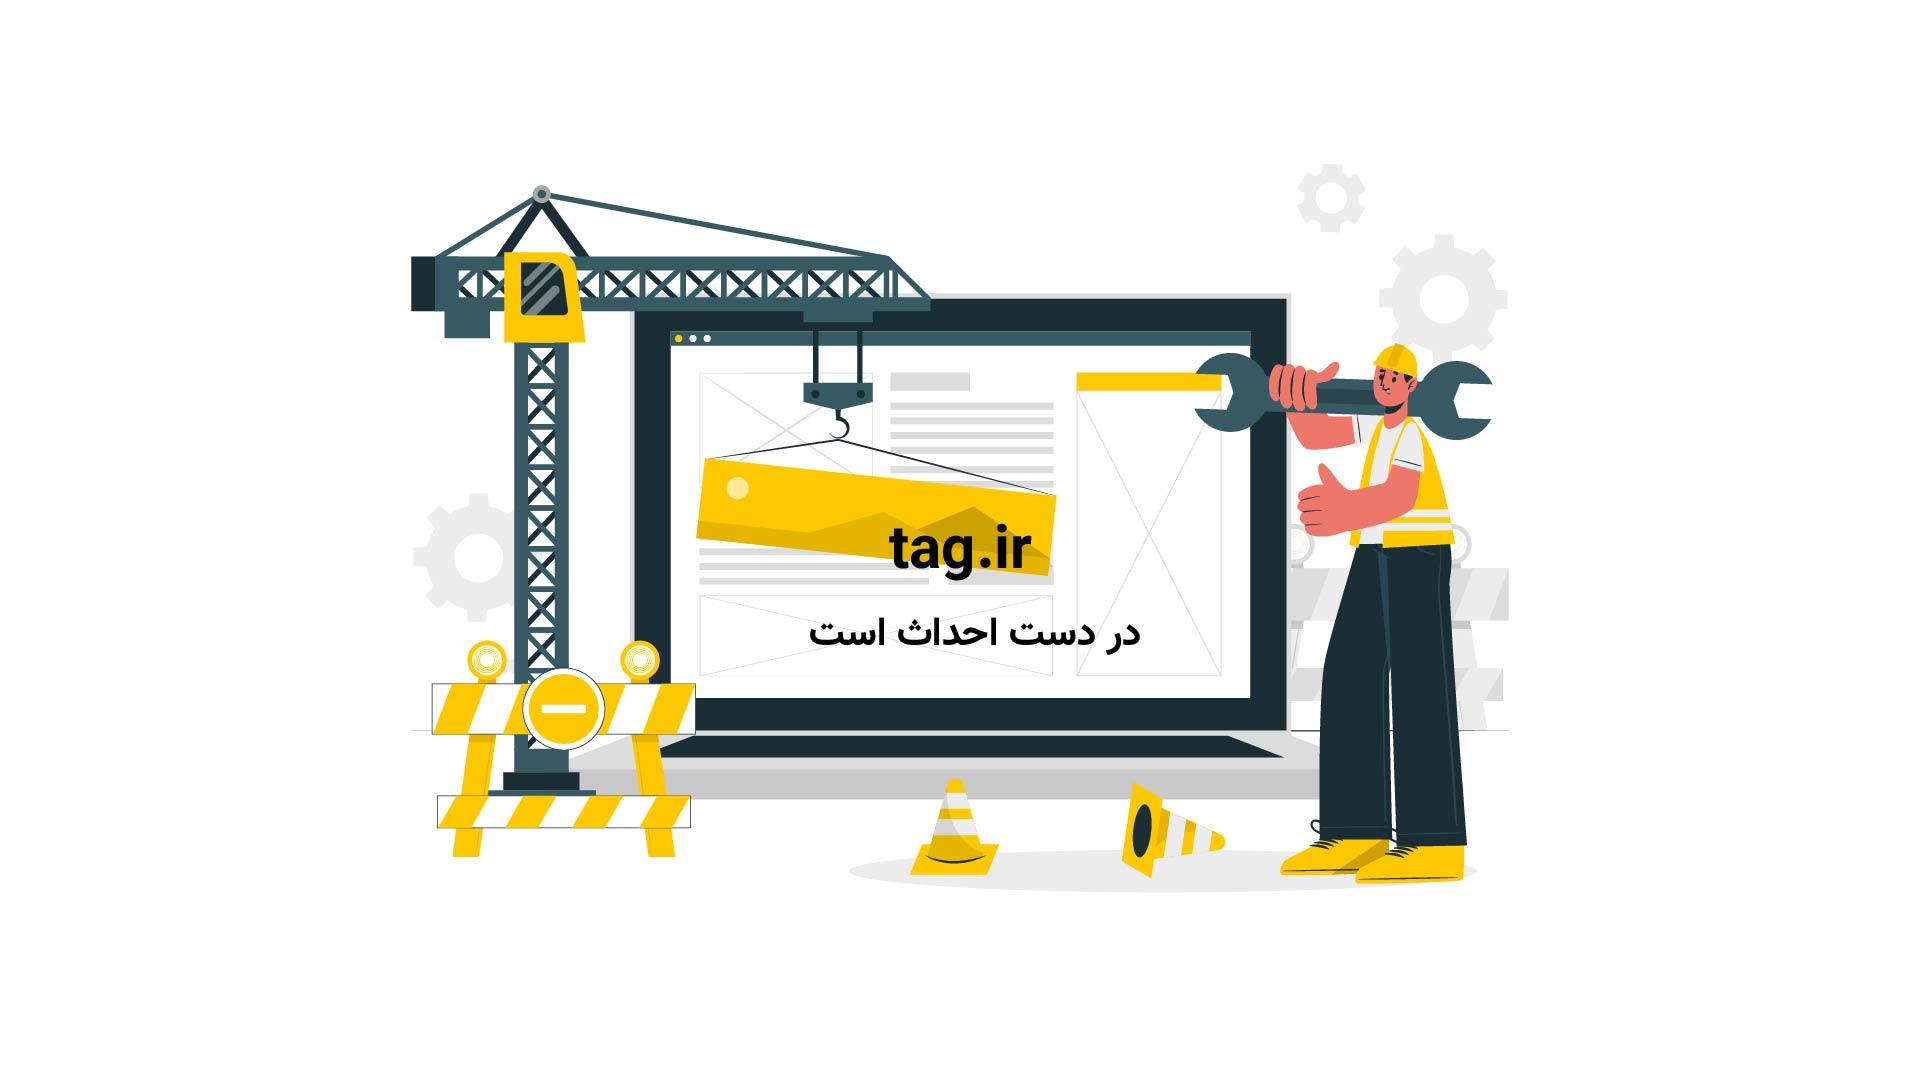 ترویج شیطان پرستی از شبکه جم | فیلم